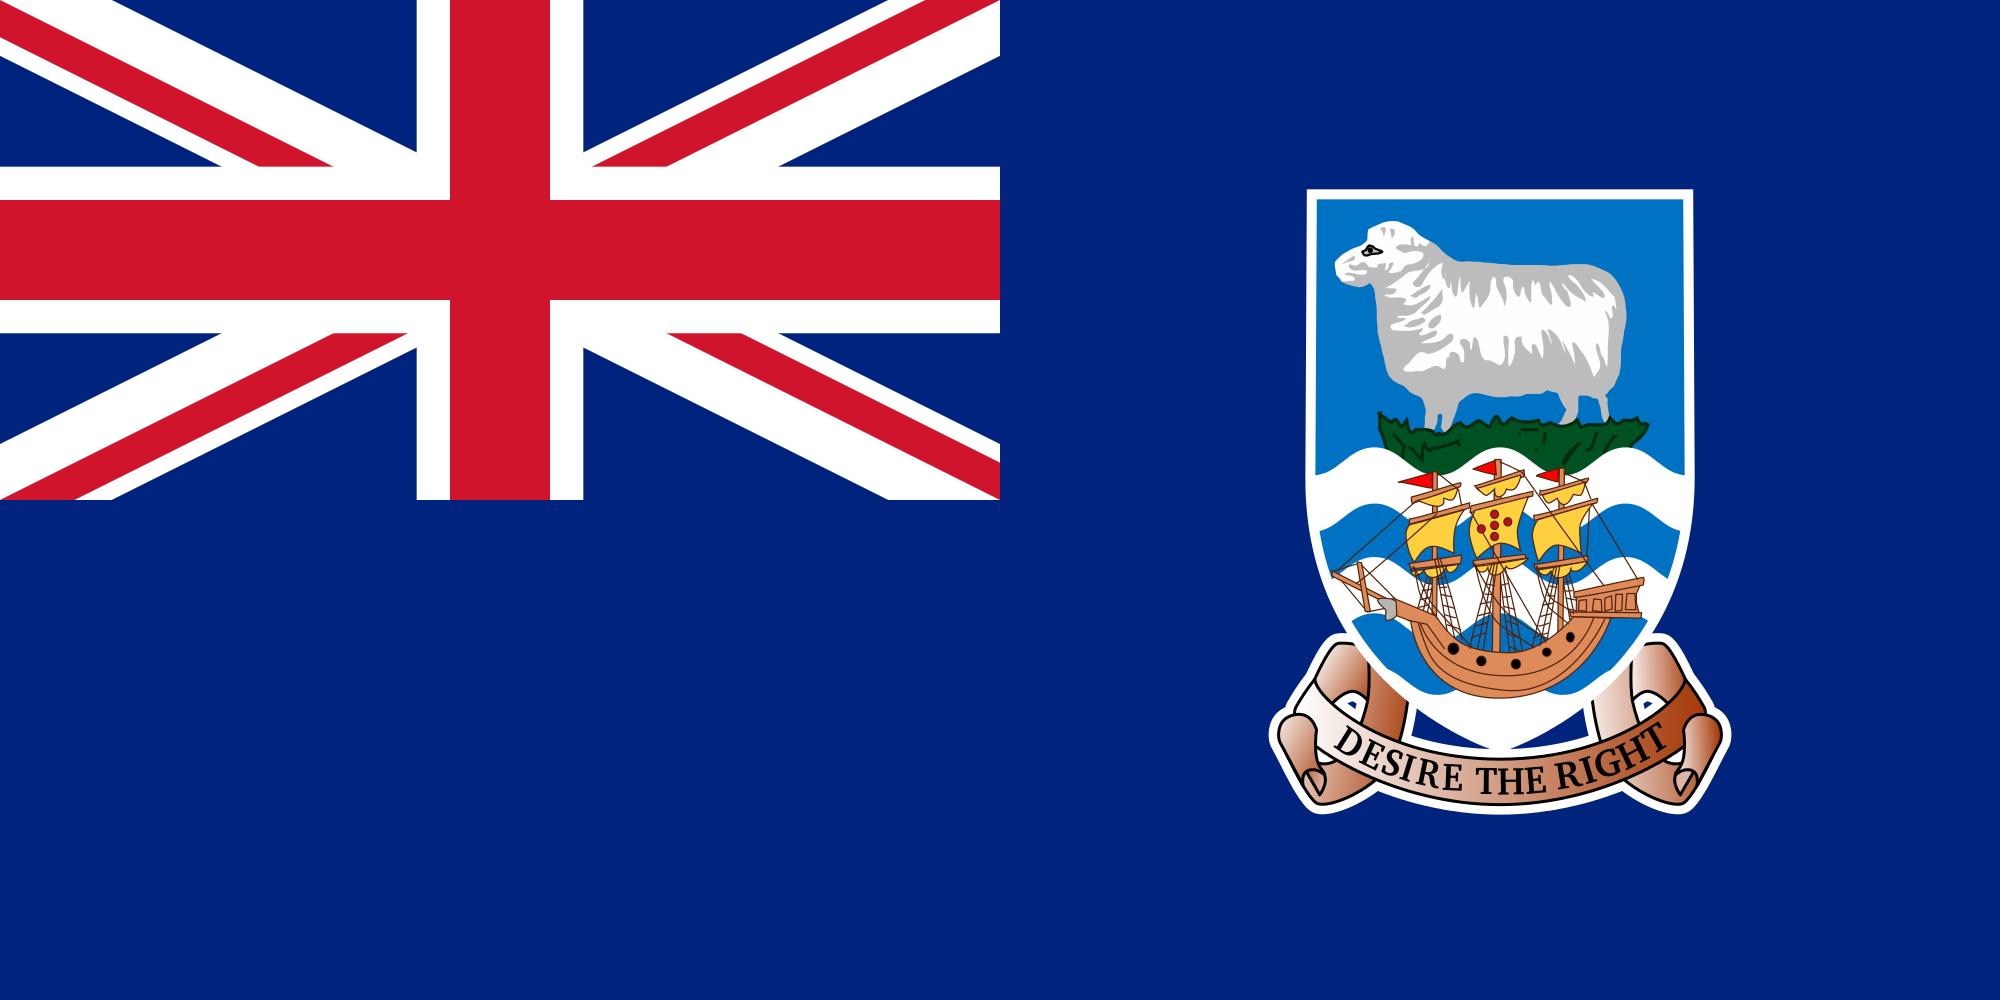 Libra de Ilhas Falkland, país, Brasão de armas, logotipo, símbolo - Papéis de parede HD - Professor-falken.com